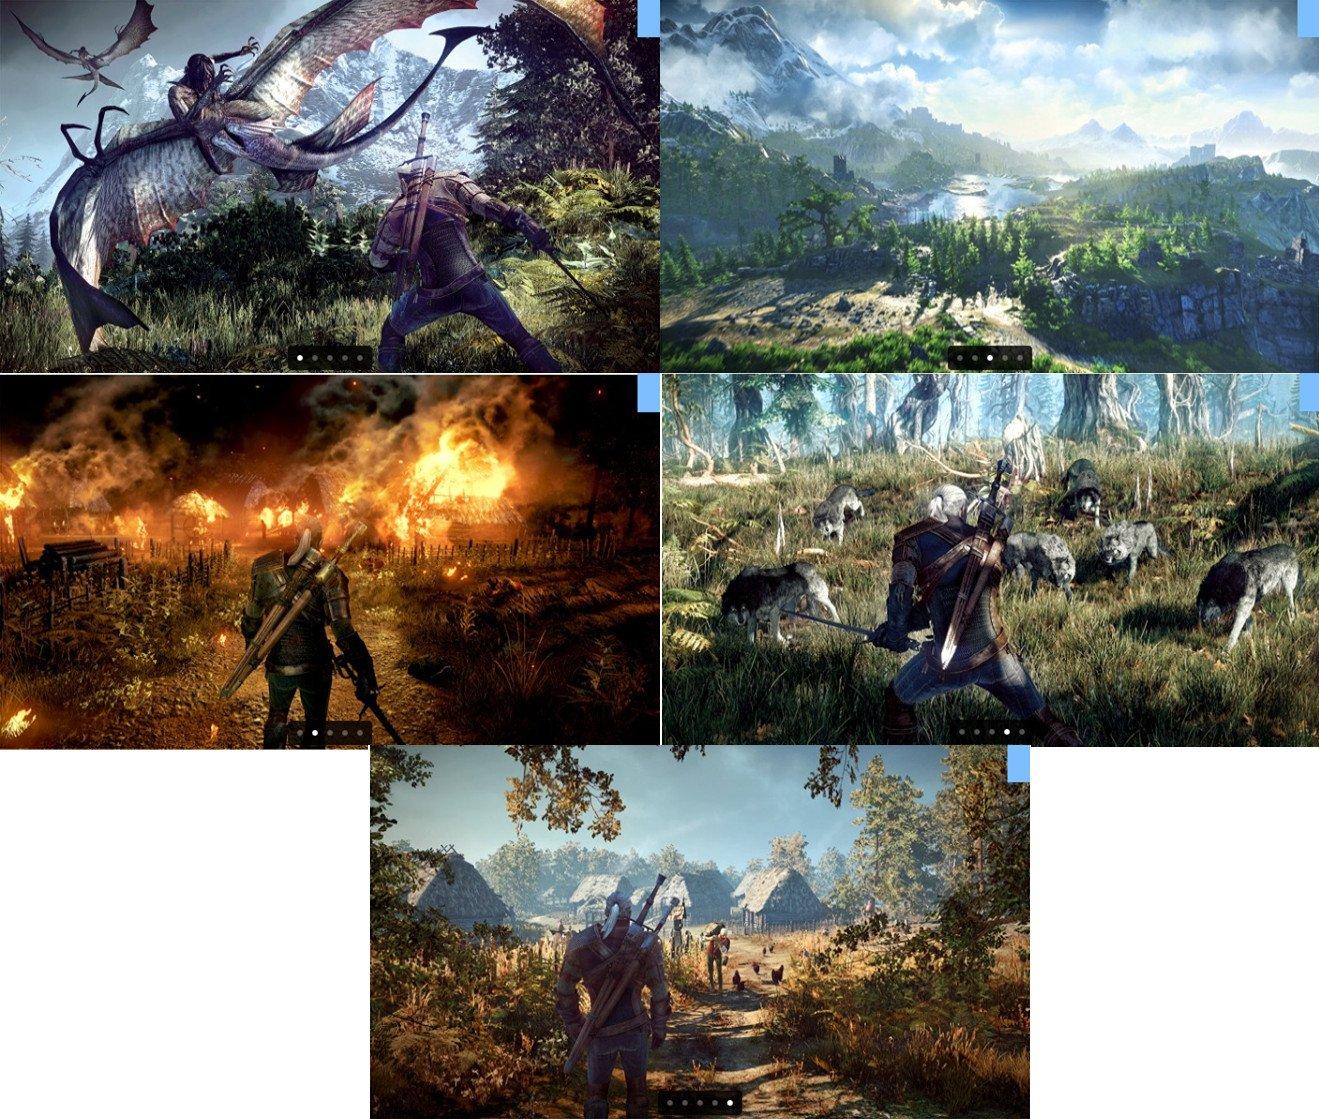 The Witcher 3: Дикая Охота. Новые скриншоты и подробности игры - Изображение 1